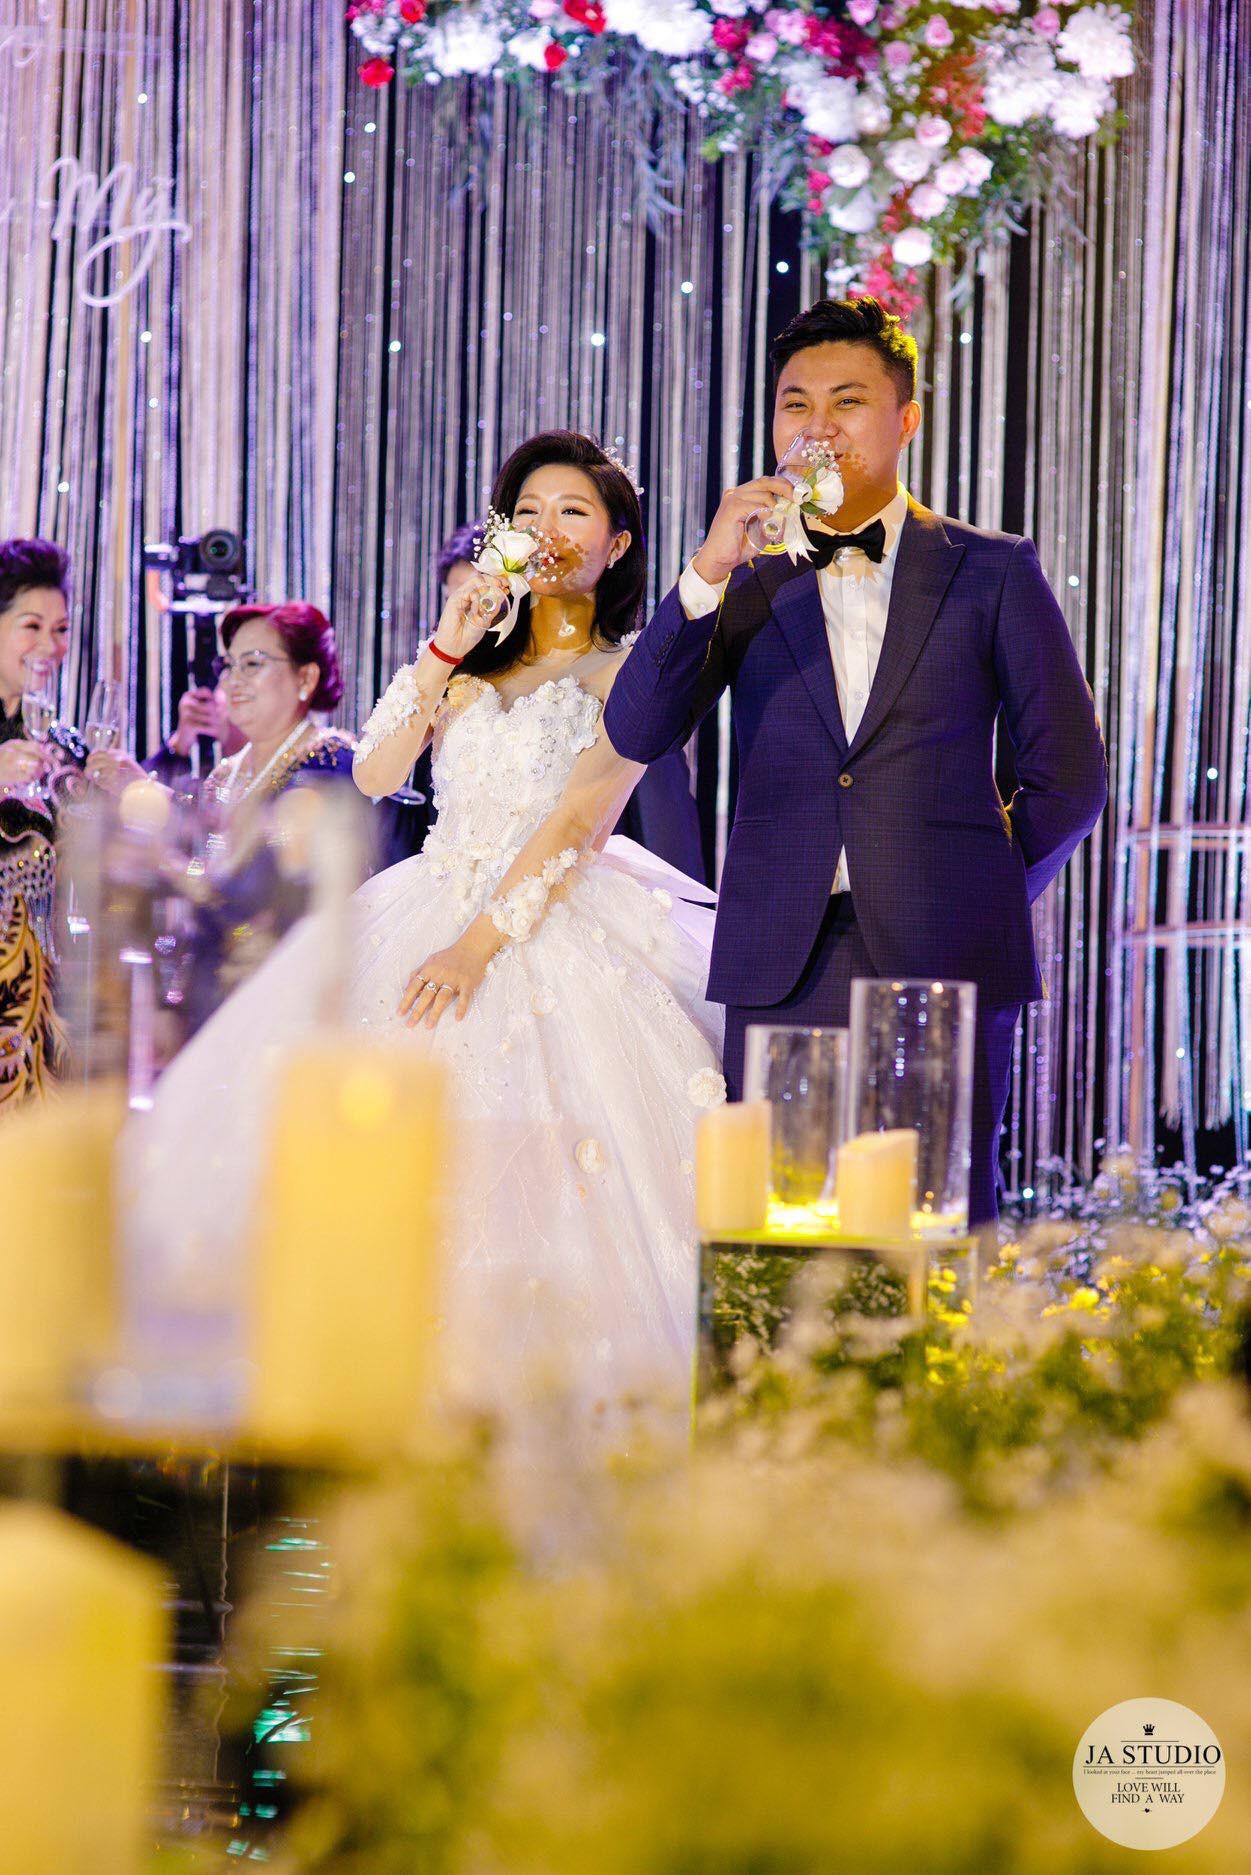 Chùm ảnh: Vân Navy hạnh phúc rưng rưng trong đám cưới với bạn trai doanh nhân - Ảnh 9.